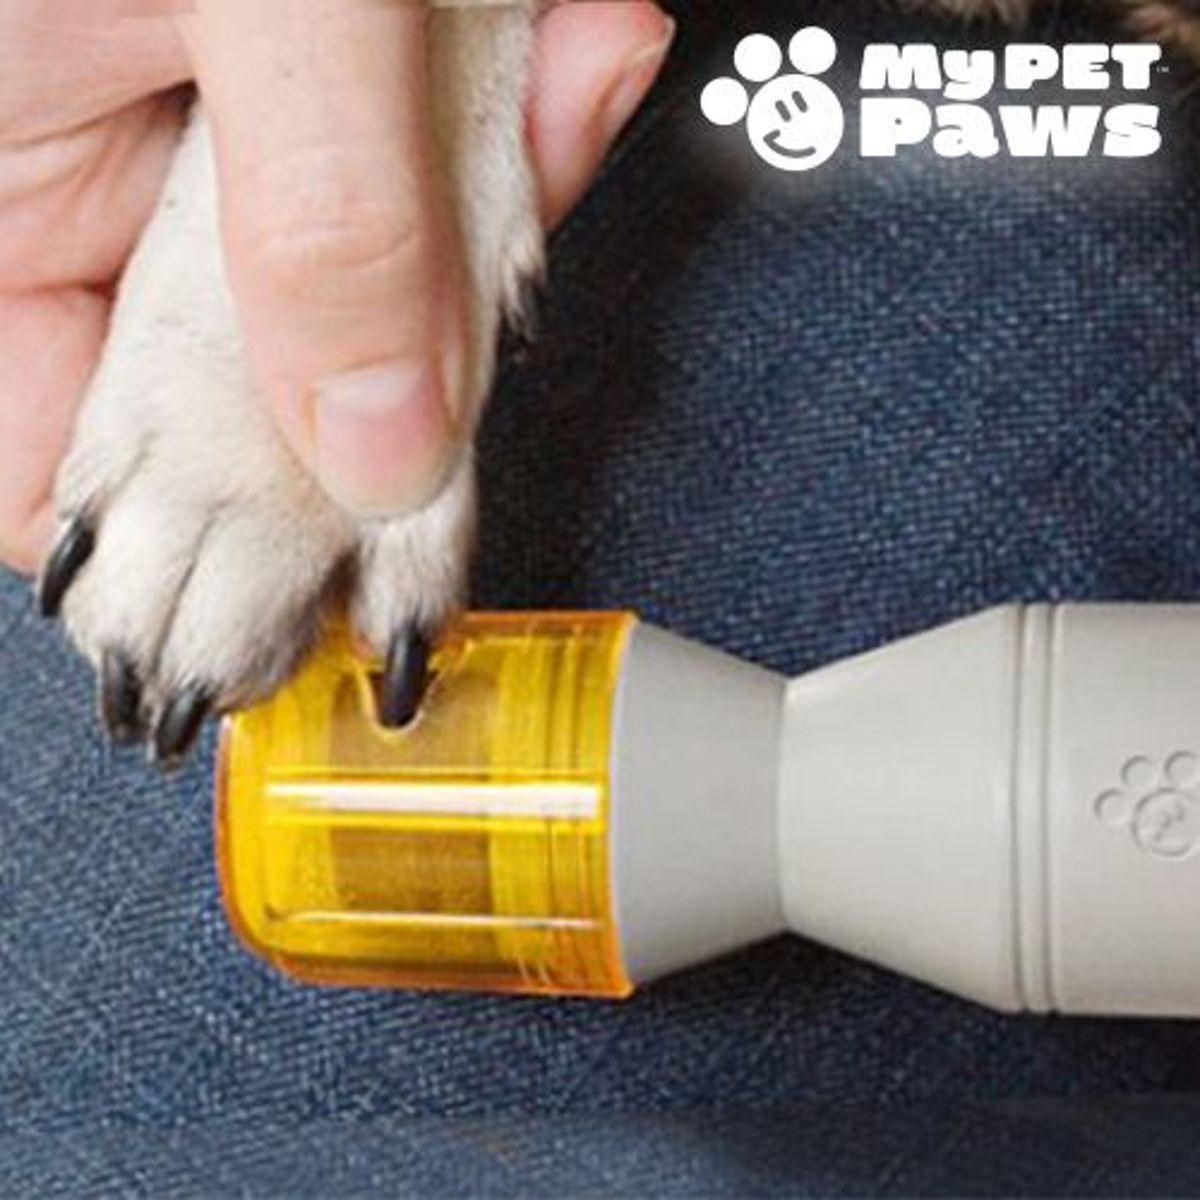 My Pet Paws  - electrische nagelvijl - pedicure voor hond en kat kopen